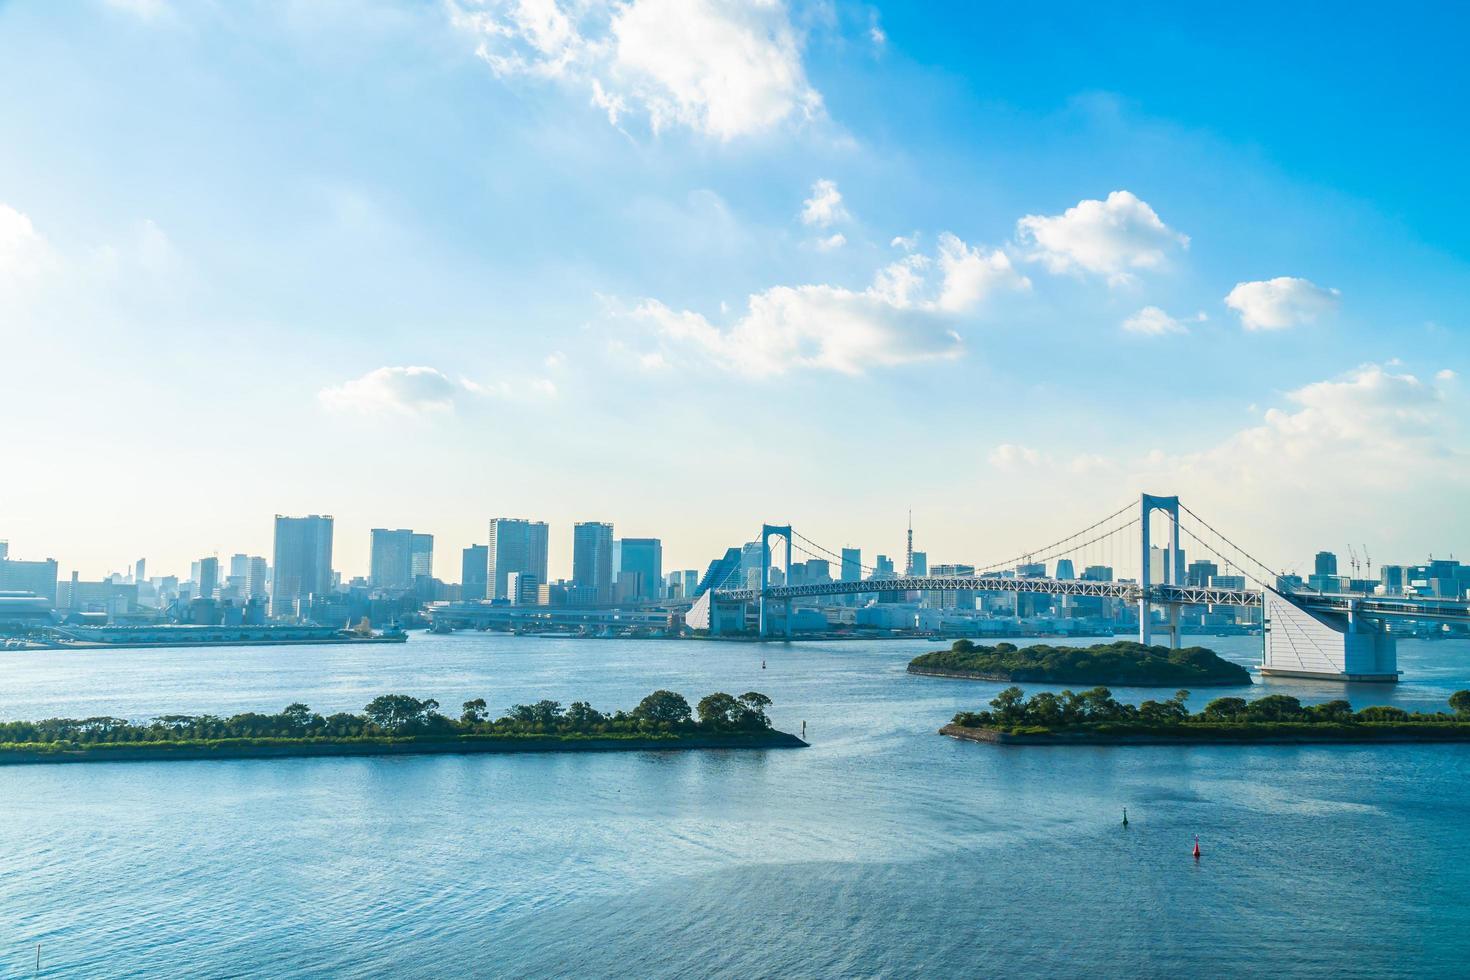 stadsgezicht van de stad Tokio met regenboogbrug foto